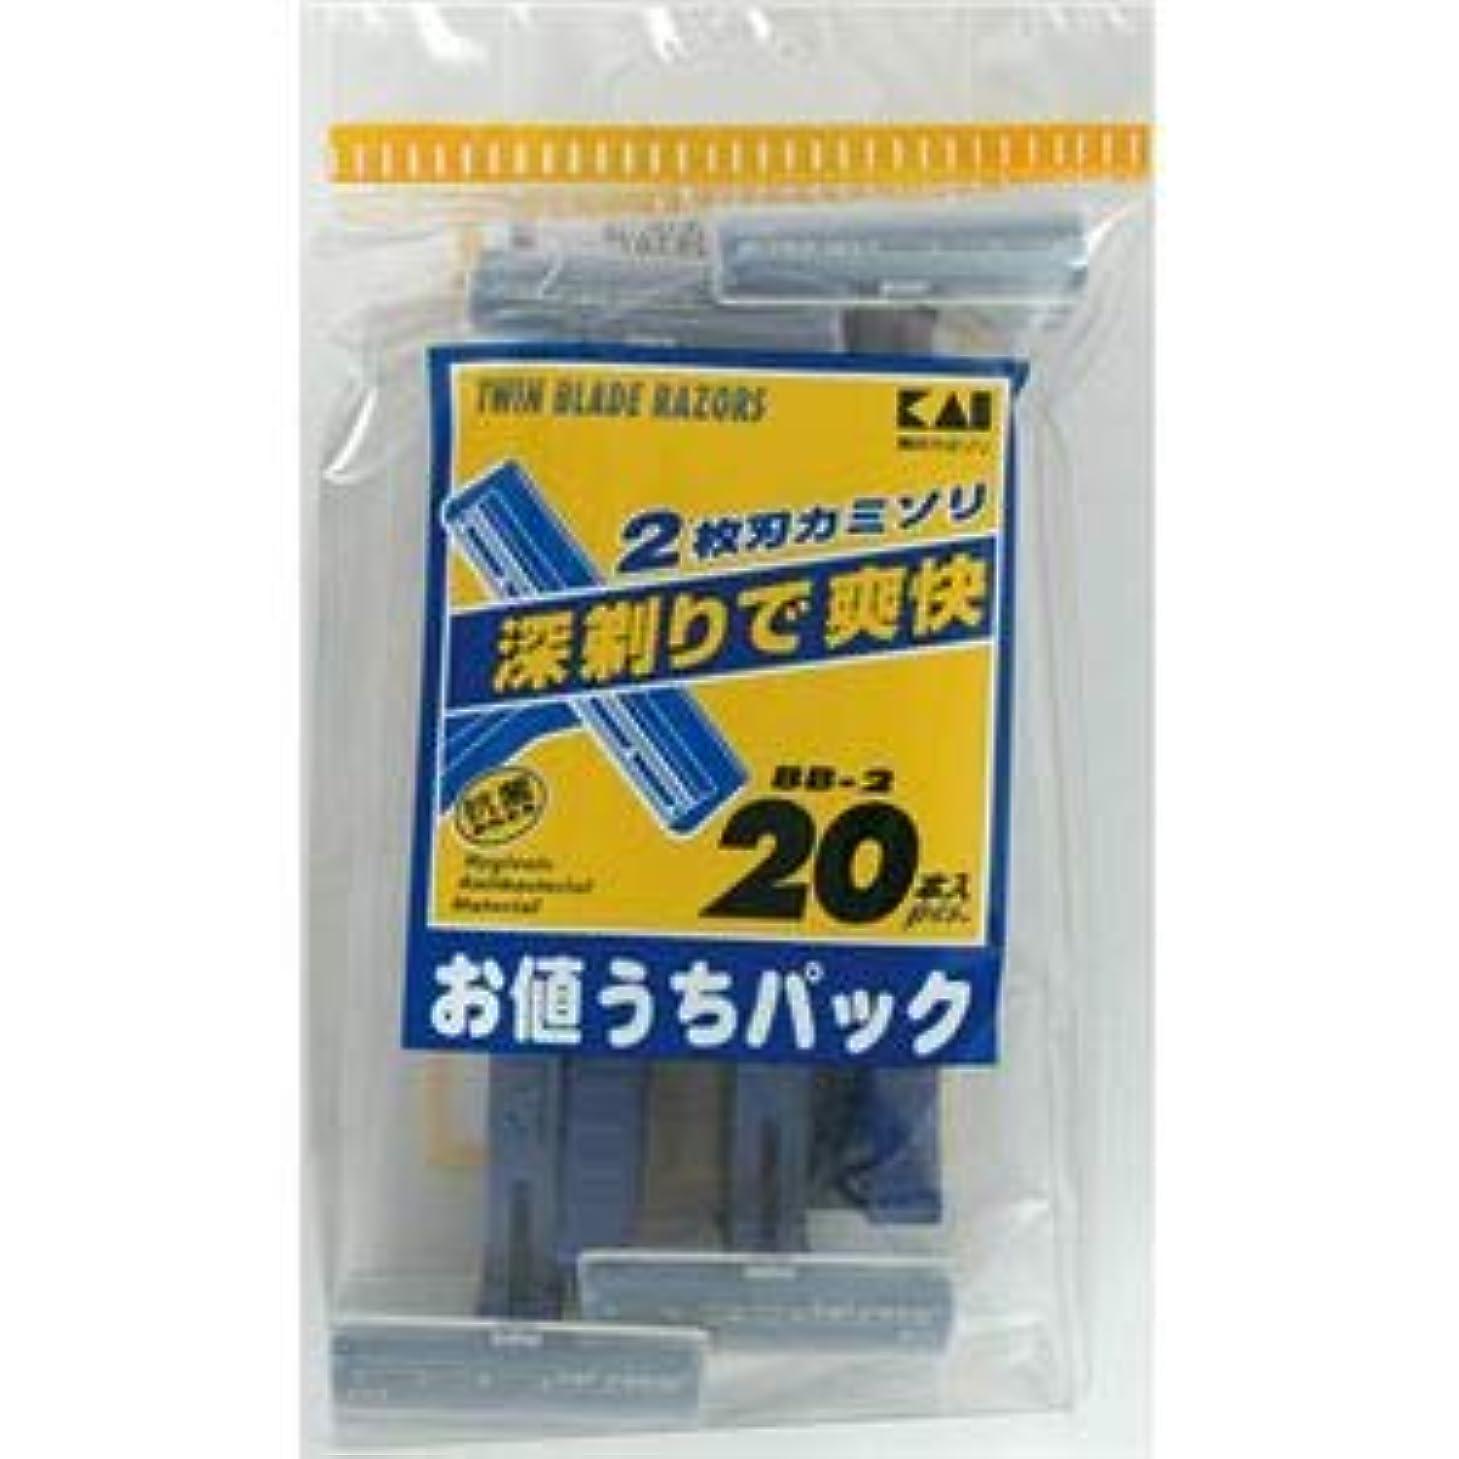 熟考する積分方程式(業務用20セット) 貝印 BB-2 2枚刃カミソリ 20本